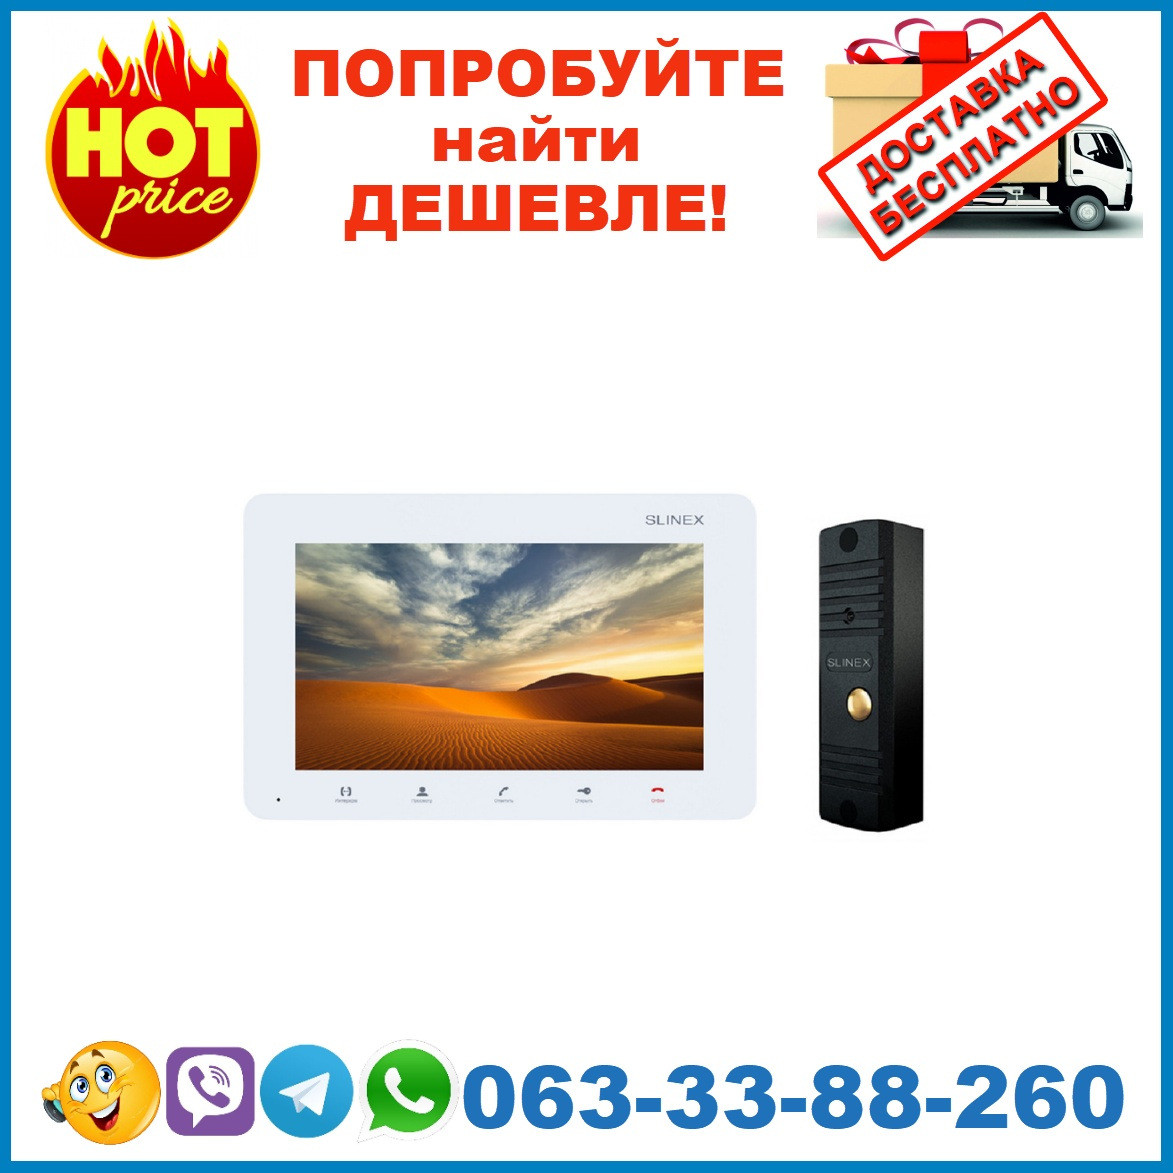 Комплект видеодомофона Slinex SM-07M White + Вызывная панель Slinex ML-16HR Black